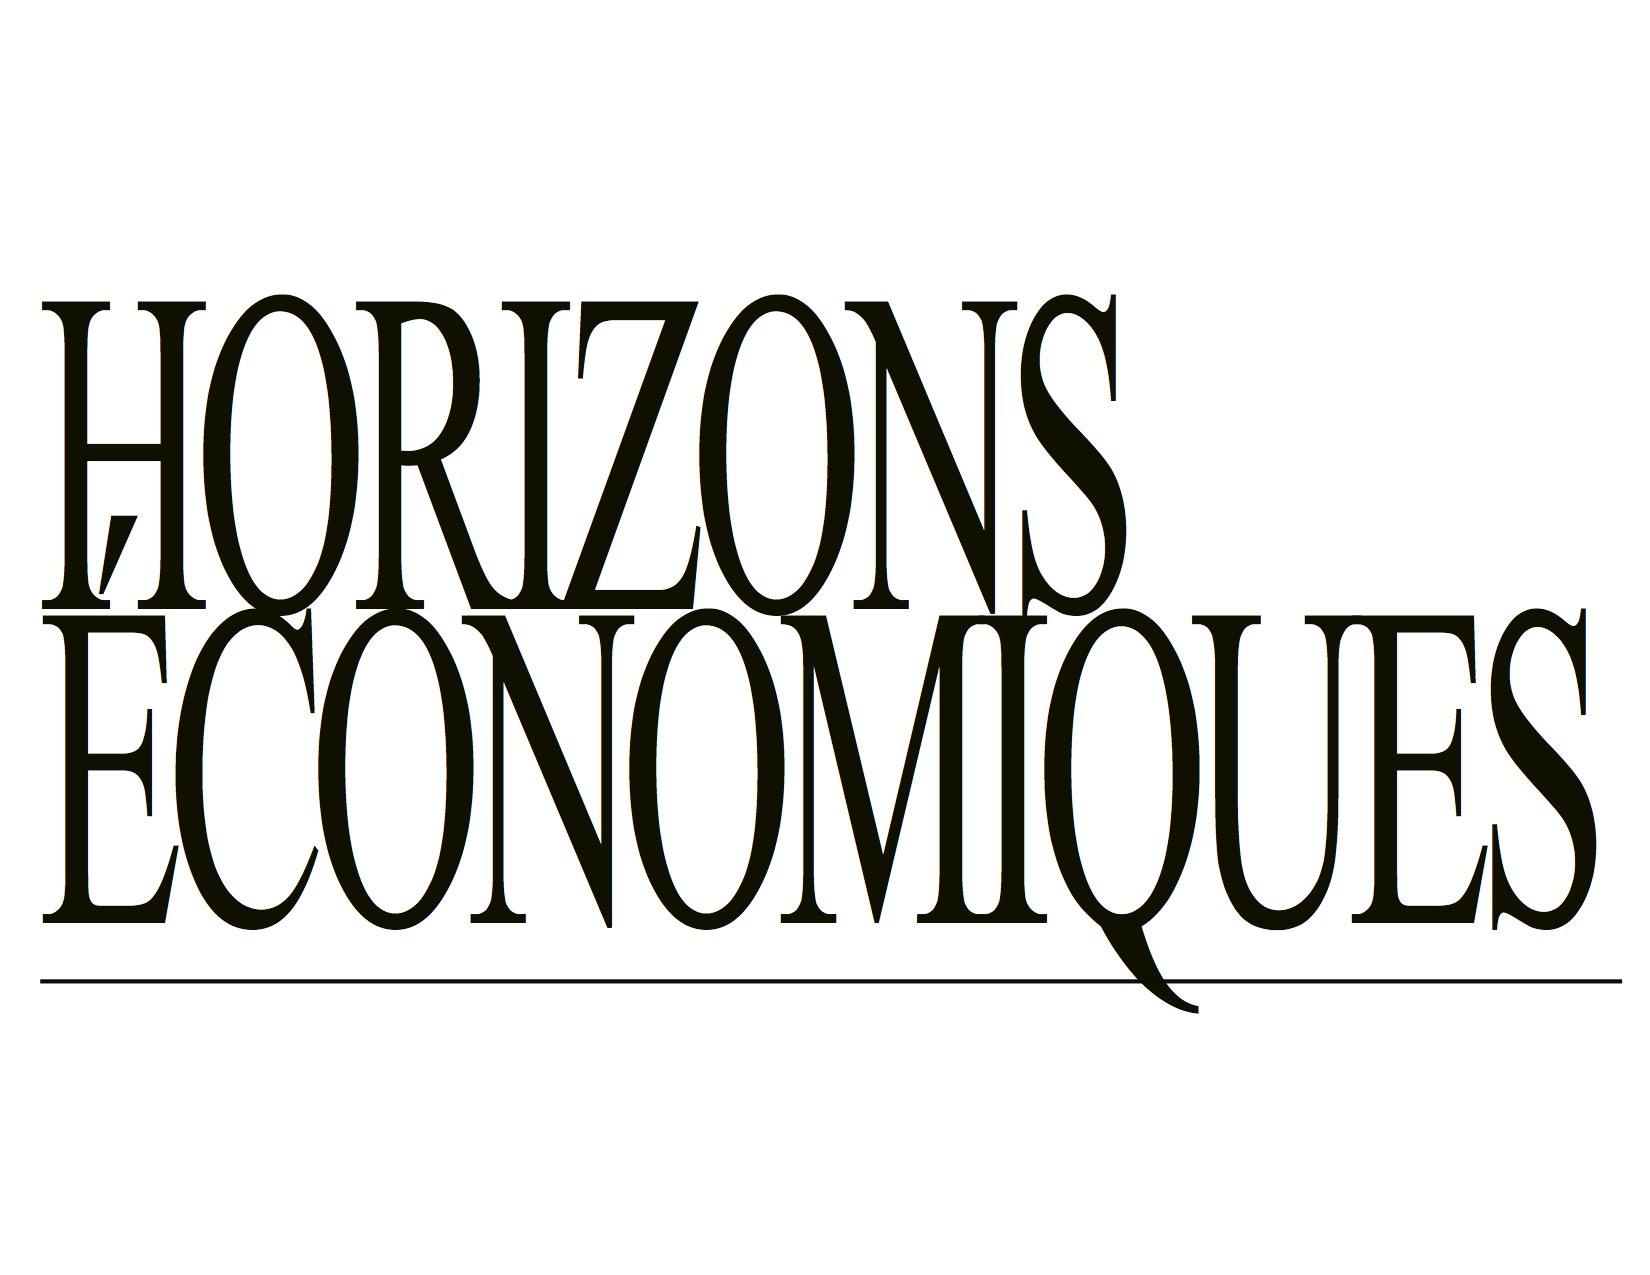 Journal économique de l'UQAM